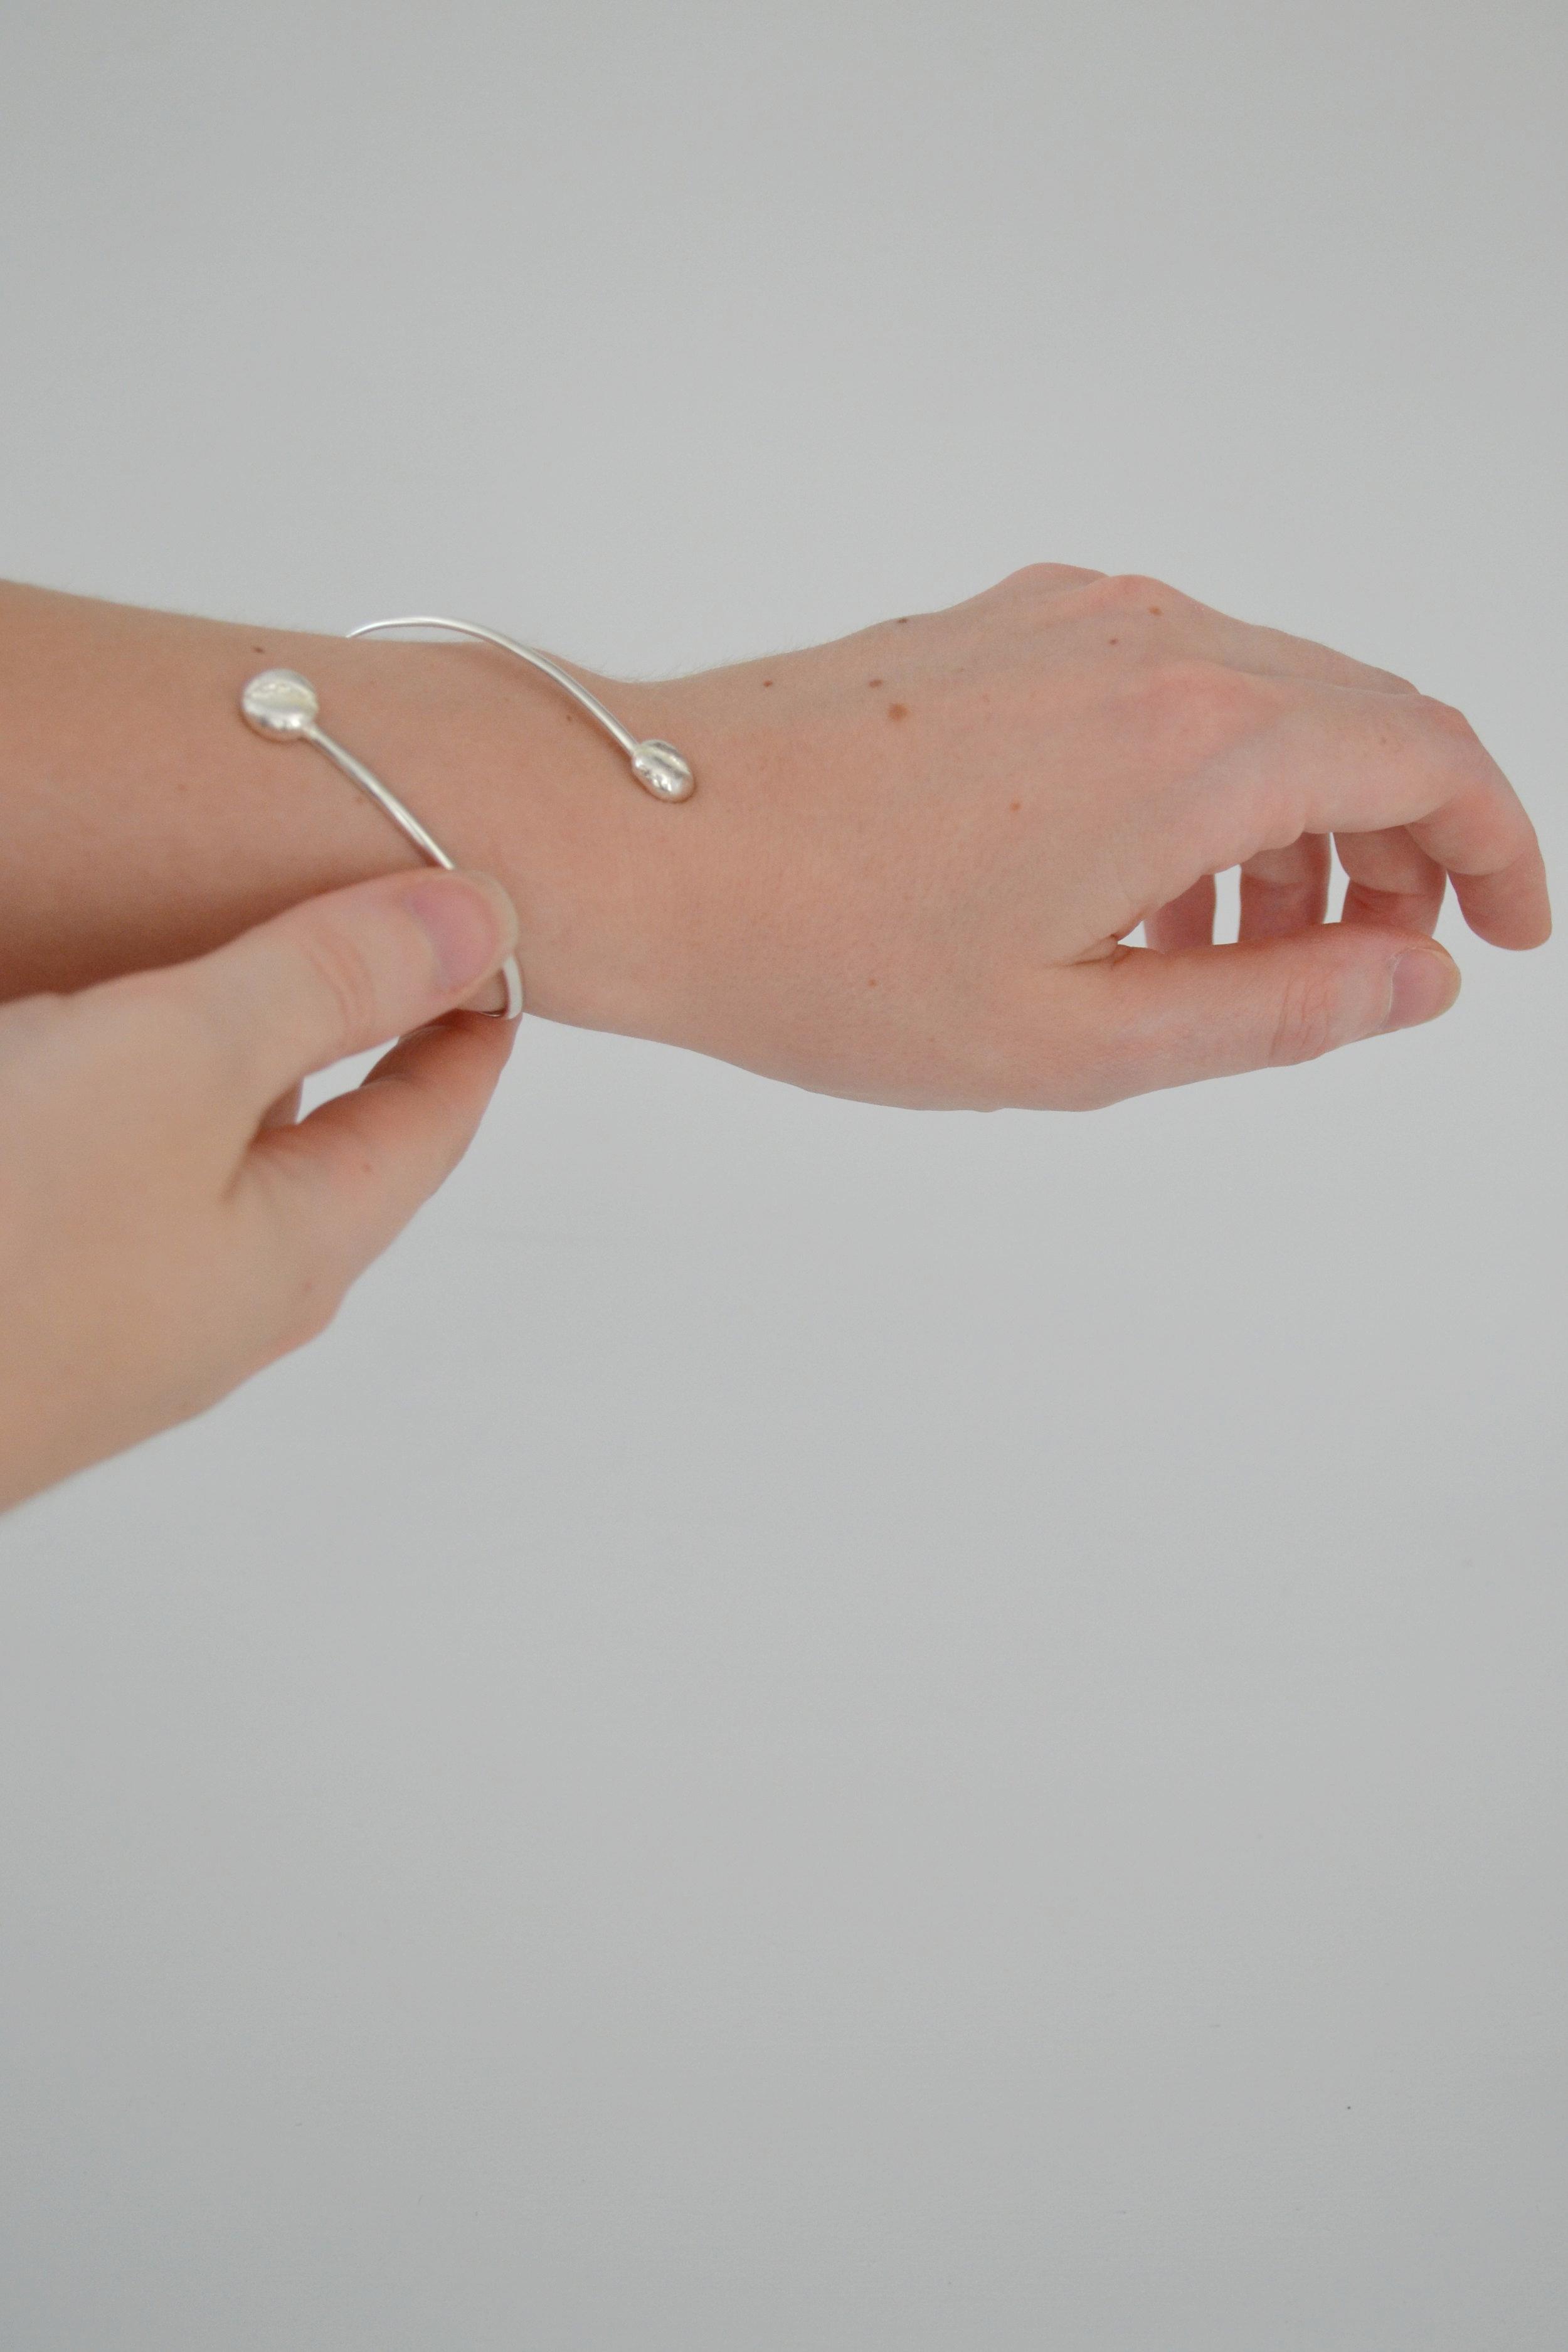 Wearing A Coffee Bean Bracelet - Handfabricated lewdesigns.com.JPG